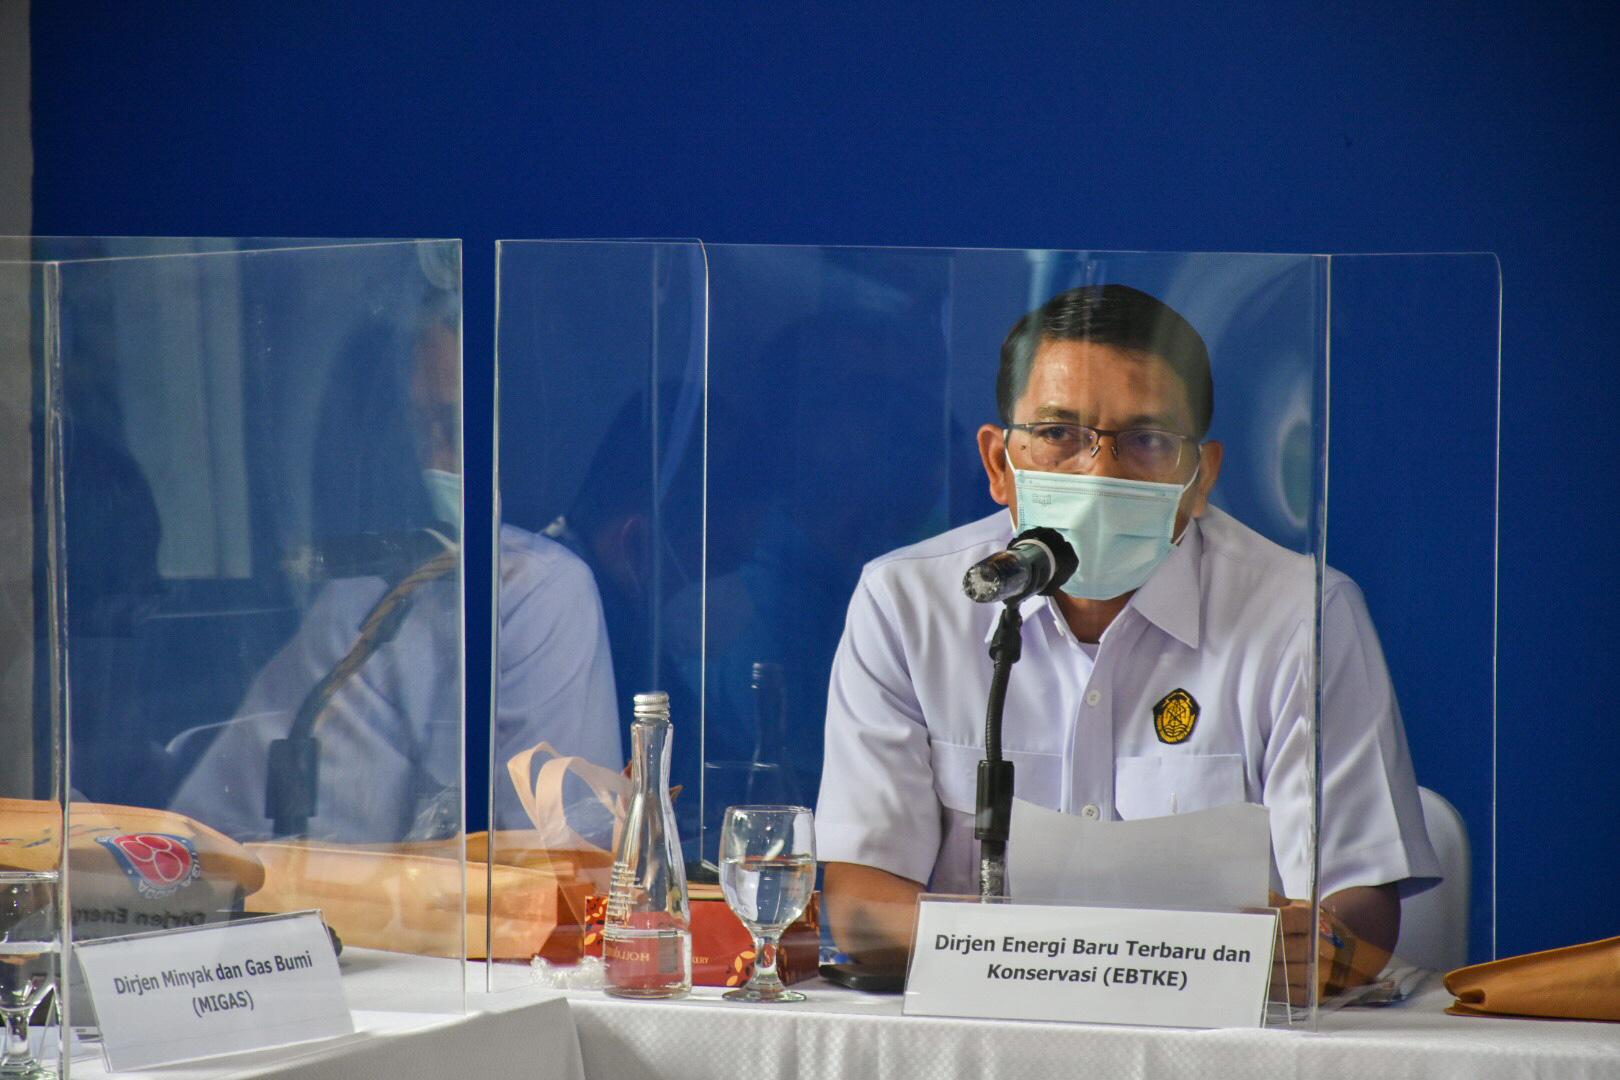 Sambutan Dirjen EBTKE, Dadan Kusdiana pada acara Kunjungan Spesifik Komisi VII DPR RI ke PT Indocement Tunggal Prakarsa Tbk di Citereup, Bogor (01/04/2021) (NS)